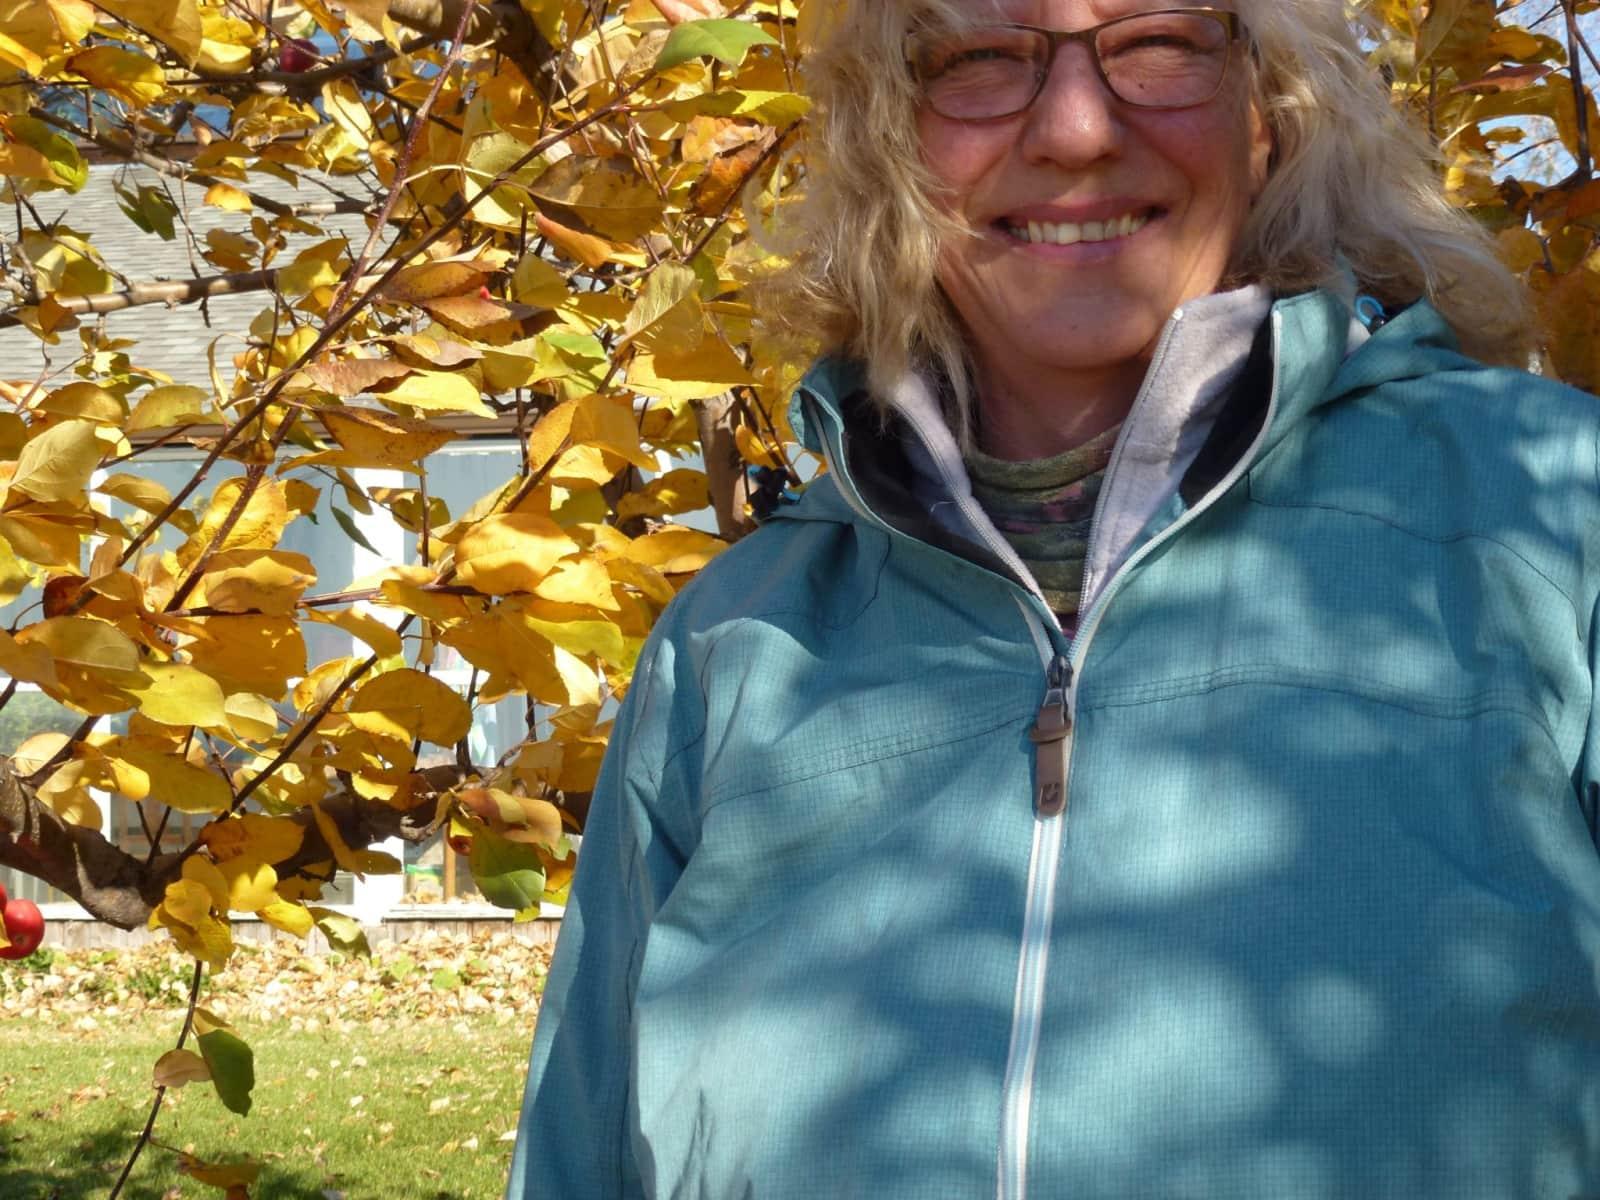 Linda from North Battleford, Saskatchewan, Canada